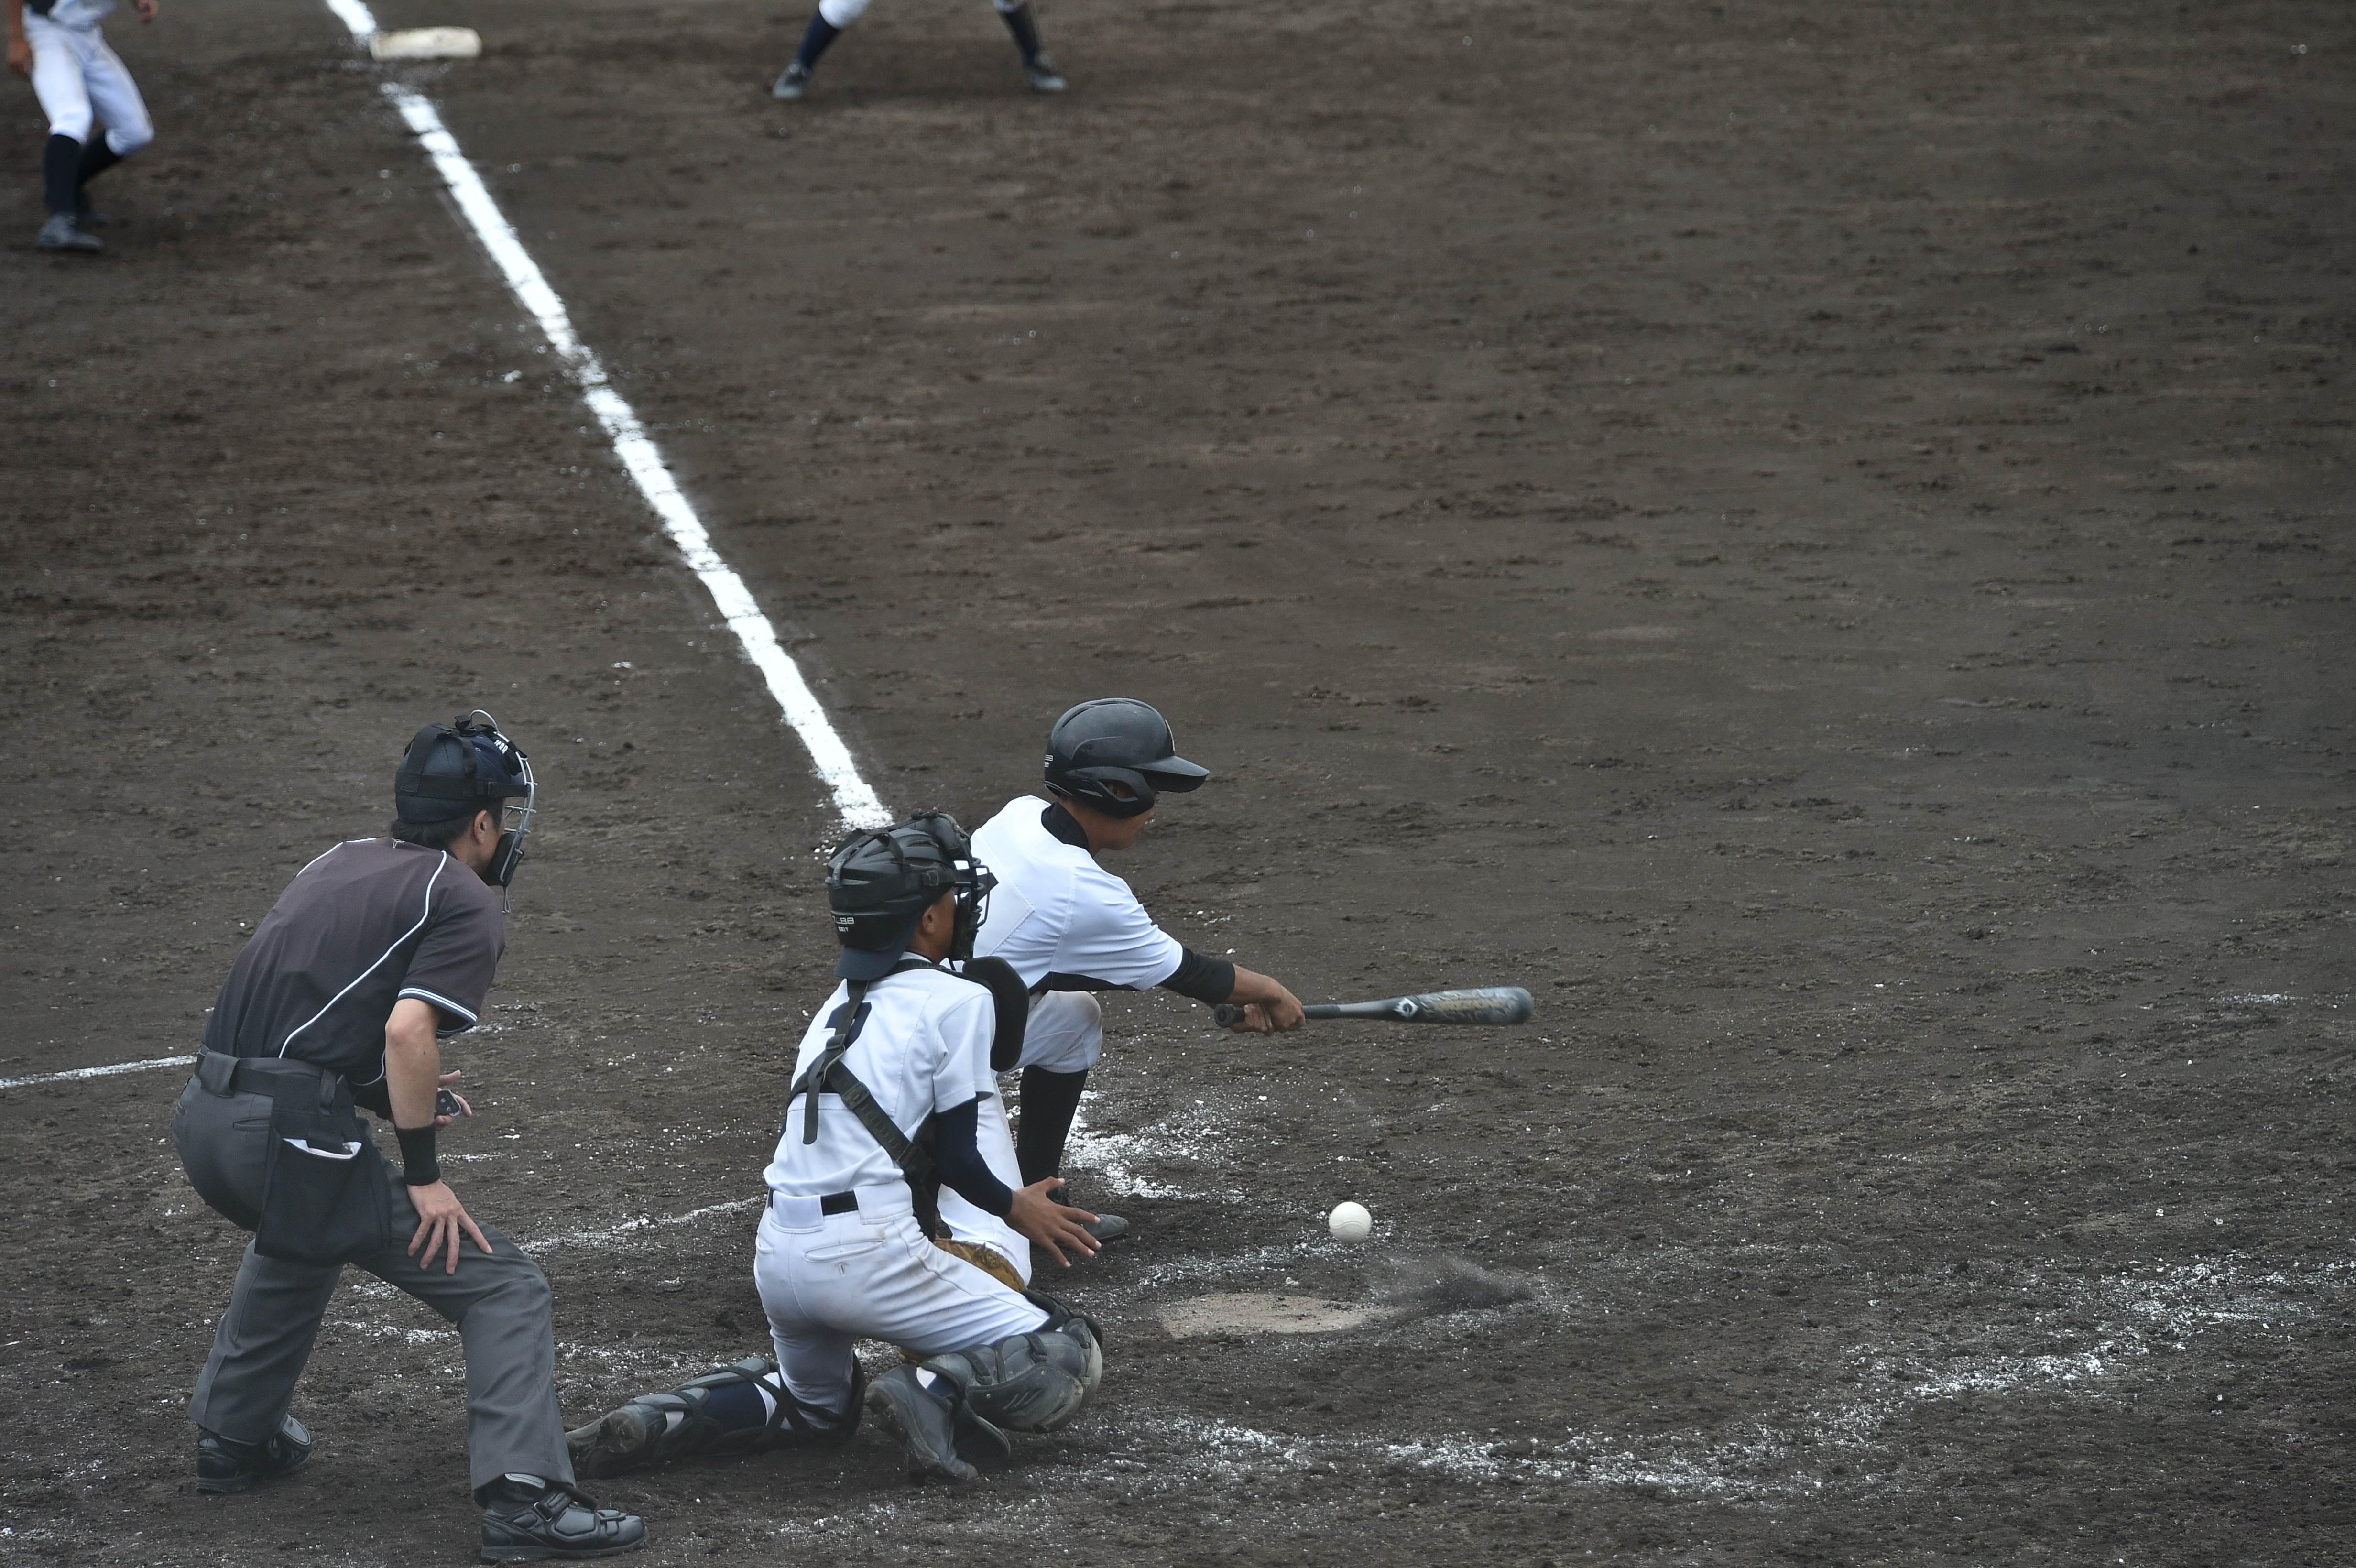 軟式野球 (408)